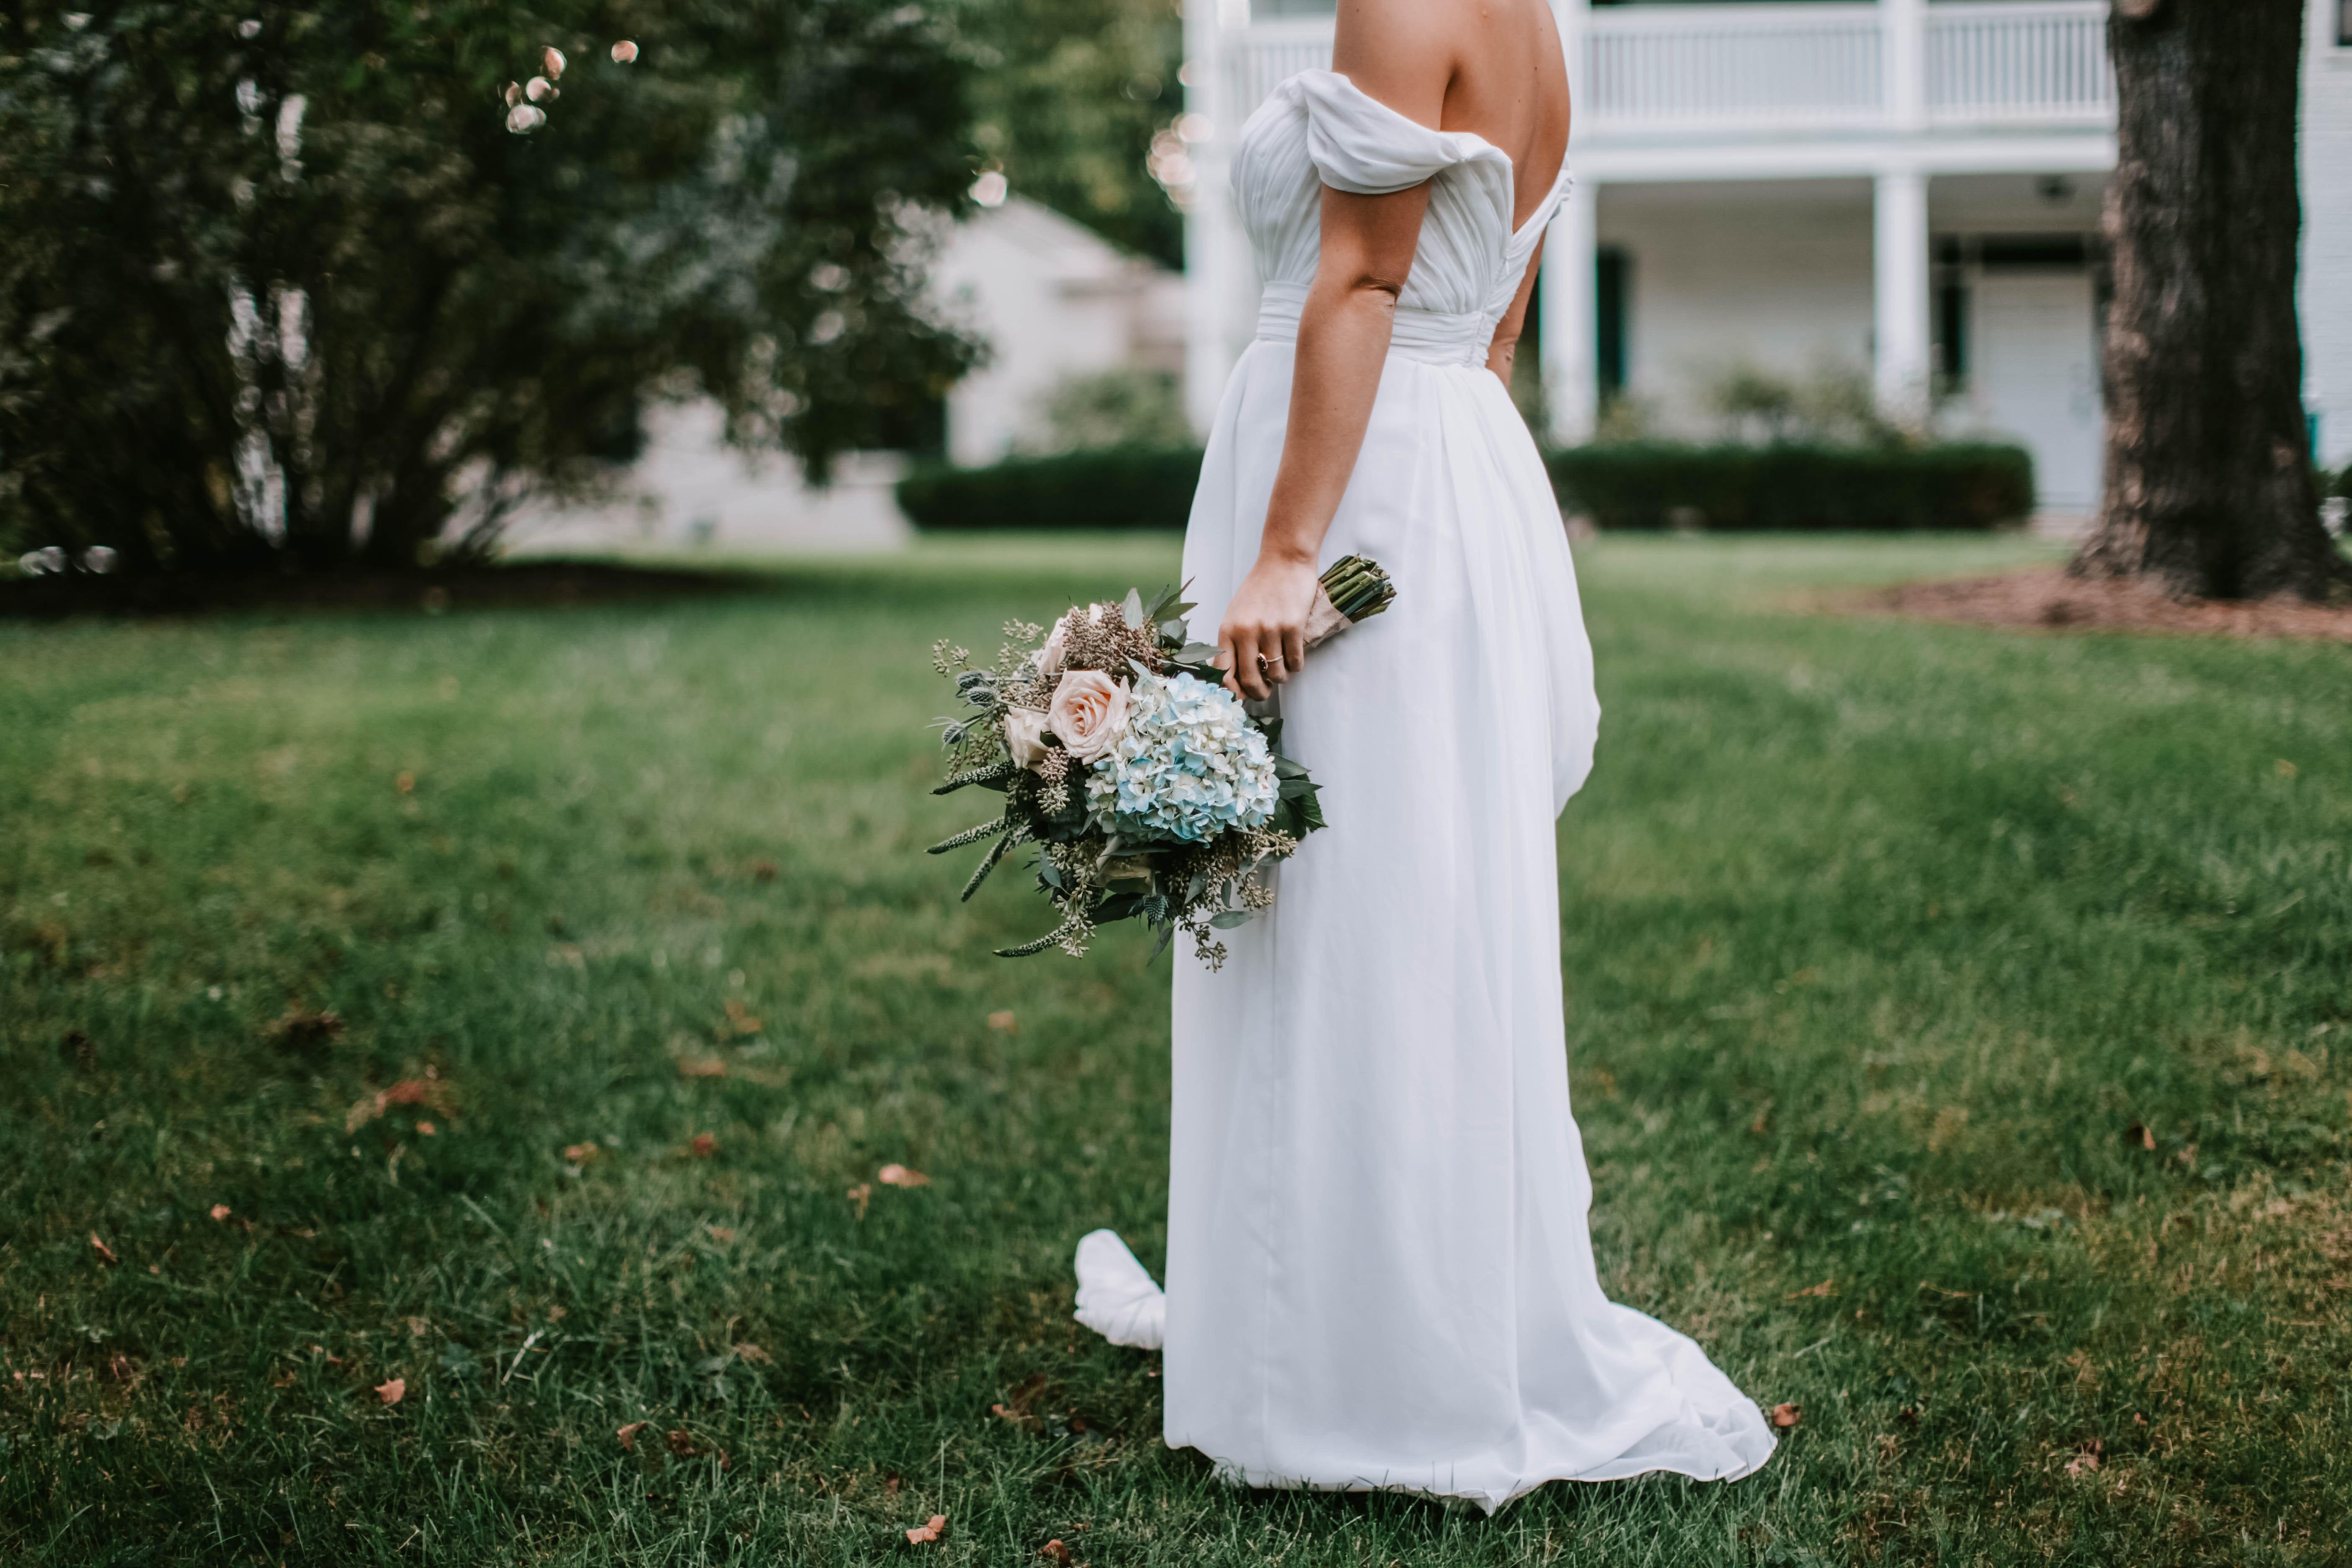 получите выгодные картинки с одеждой в свадебном платье древо